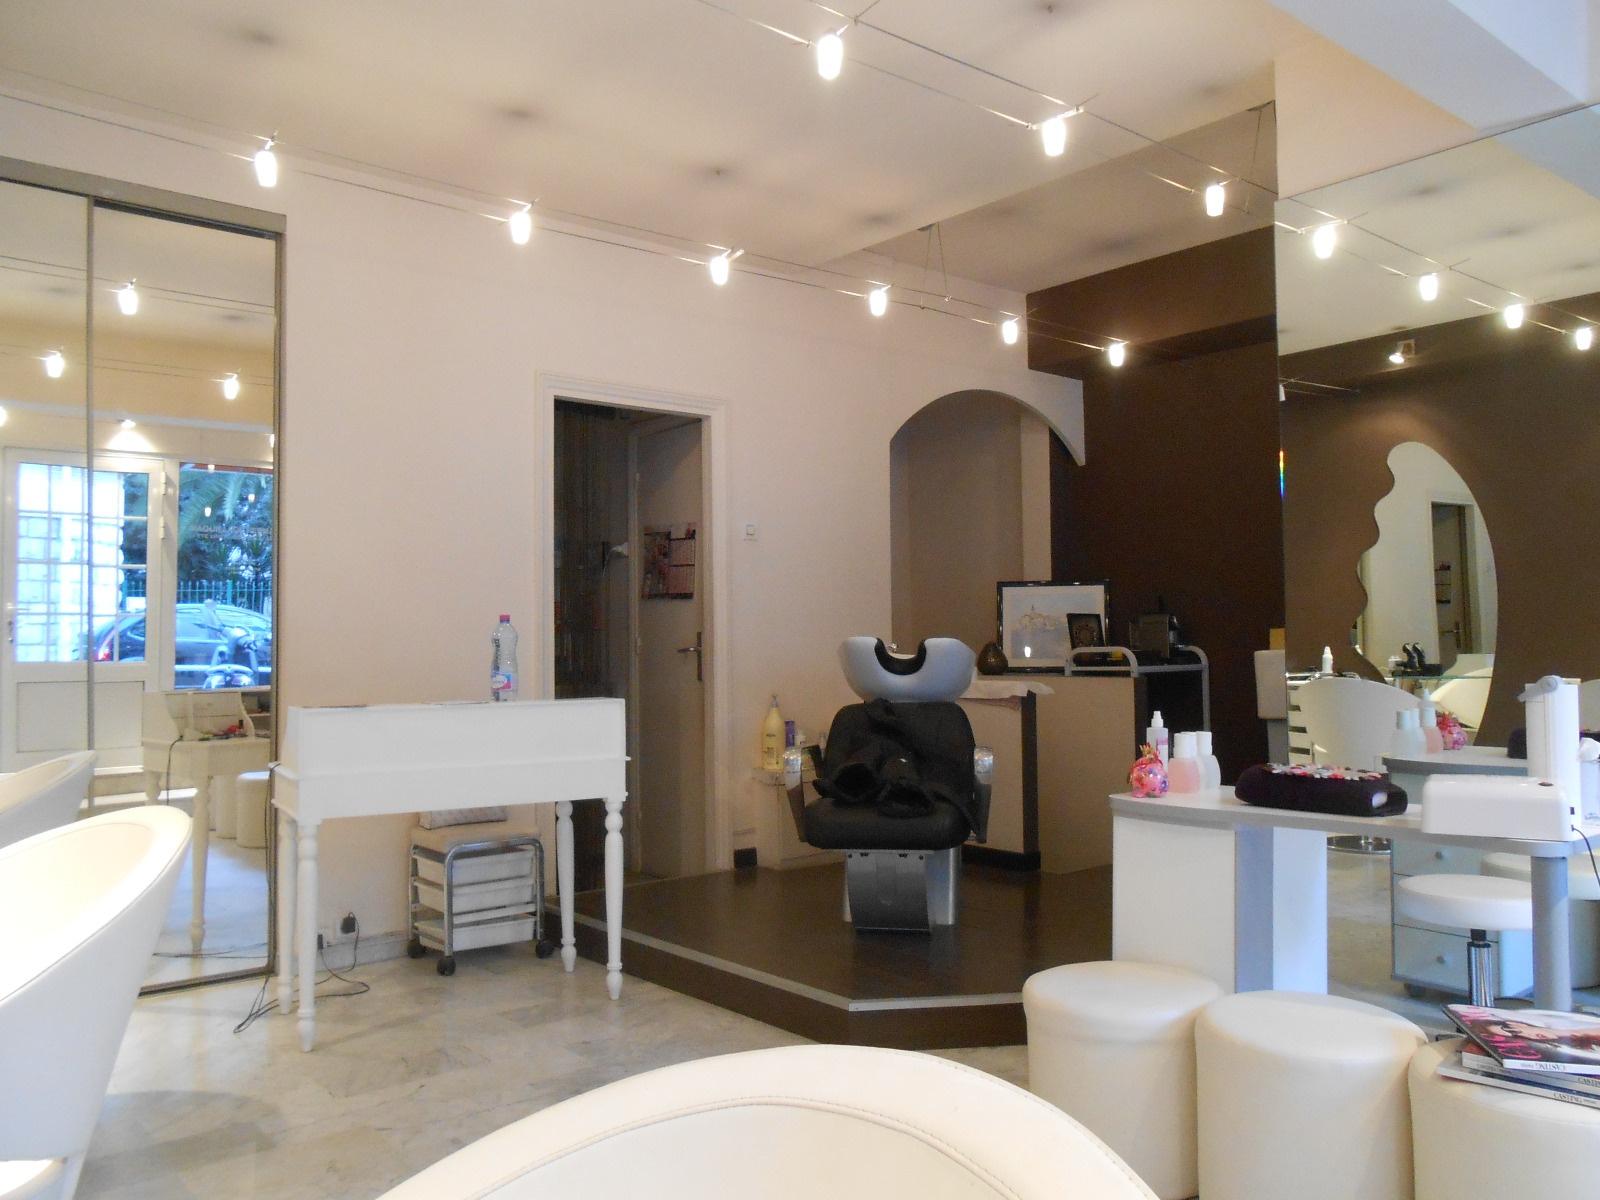 vente commerce salon de coiffure esthetique nice